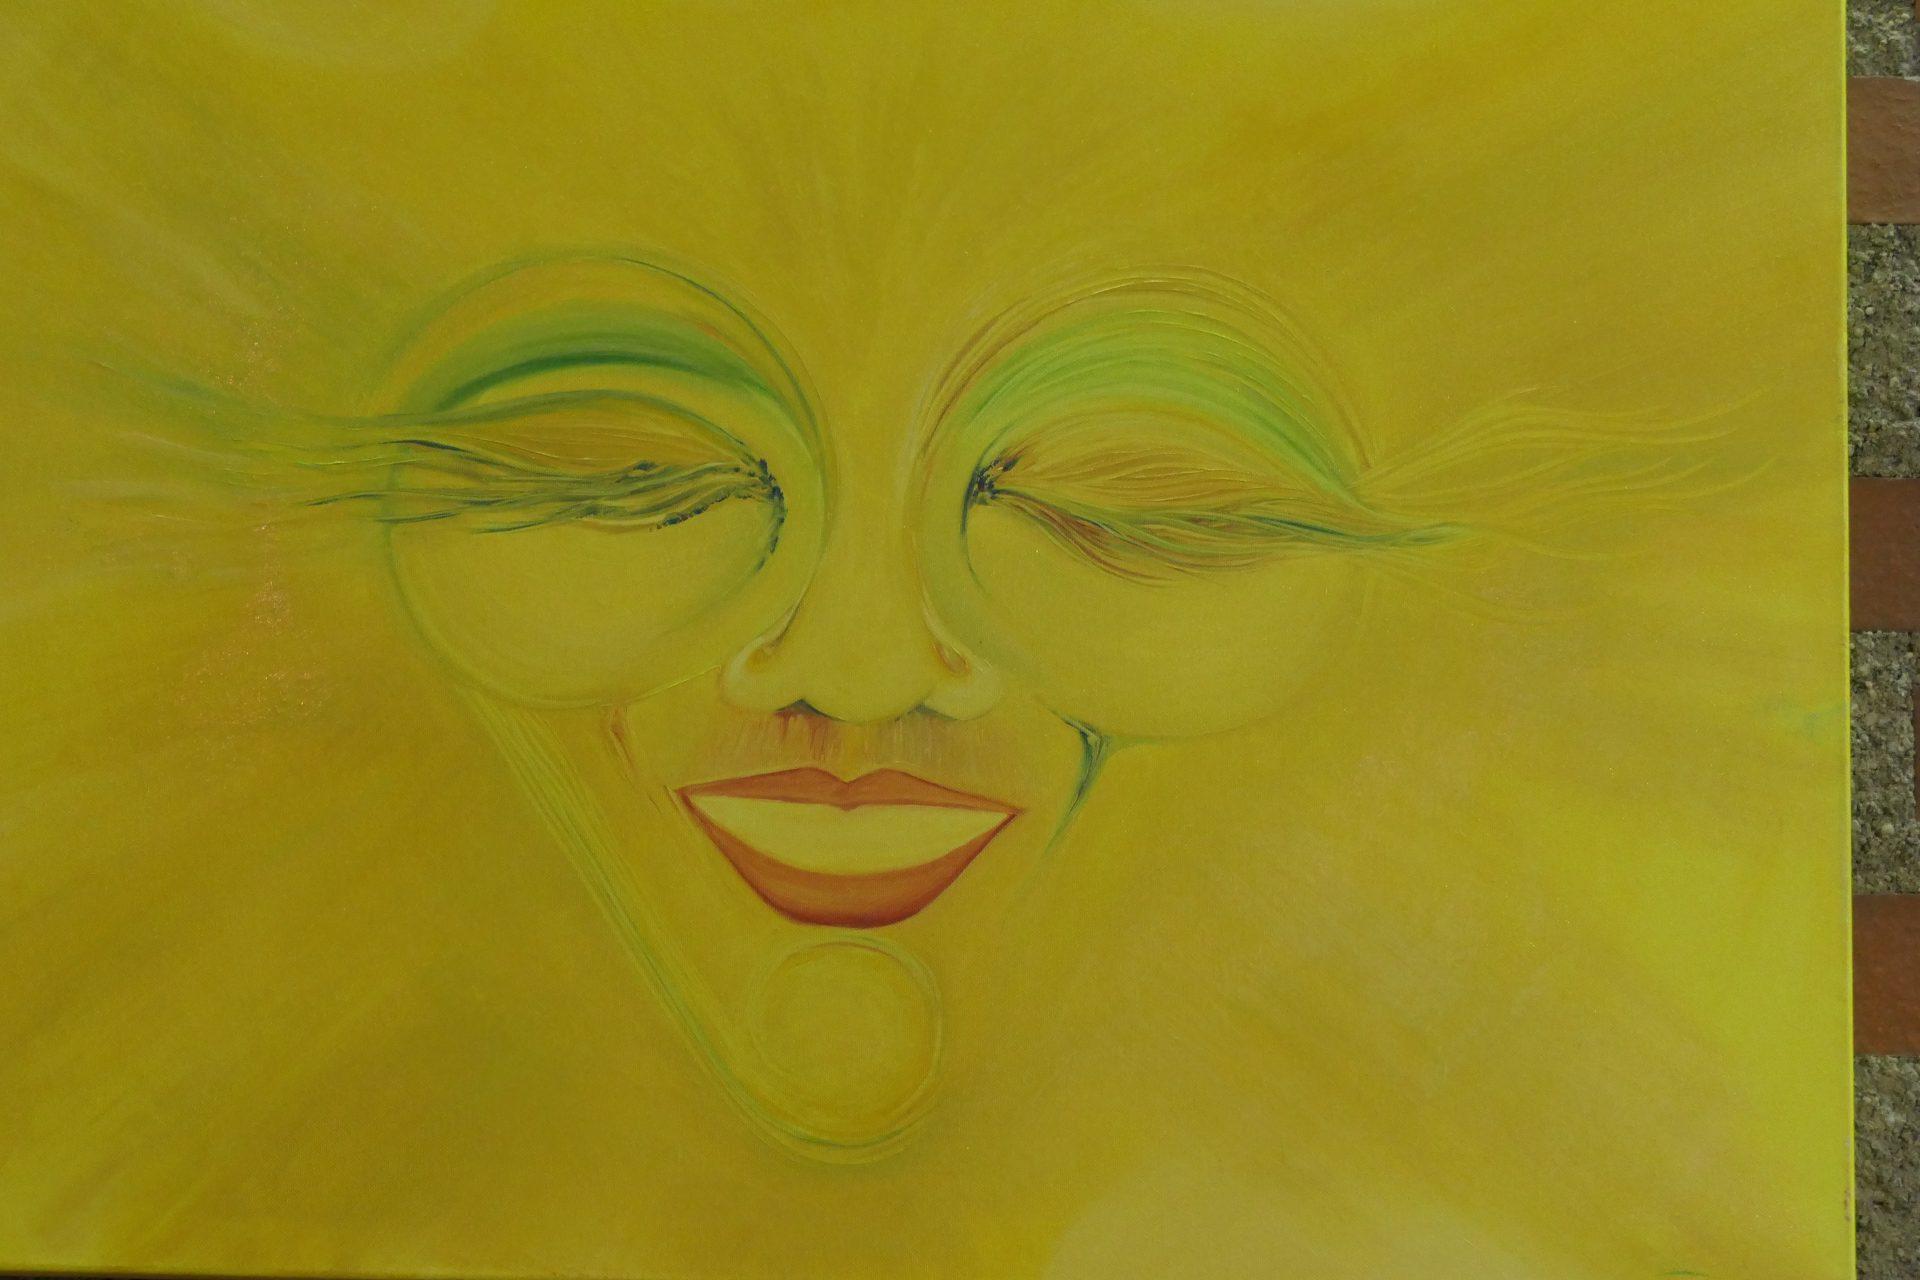 Sanne Sonnenschein Nr 11 von Sabine Karmazin, Öl auf Leinwand